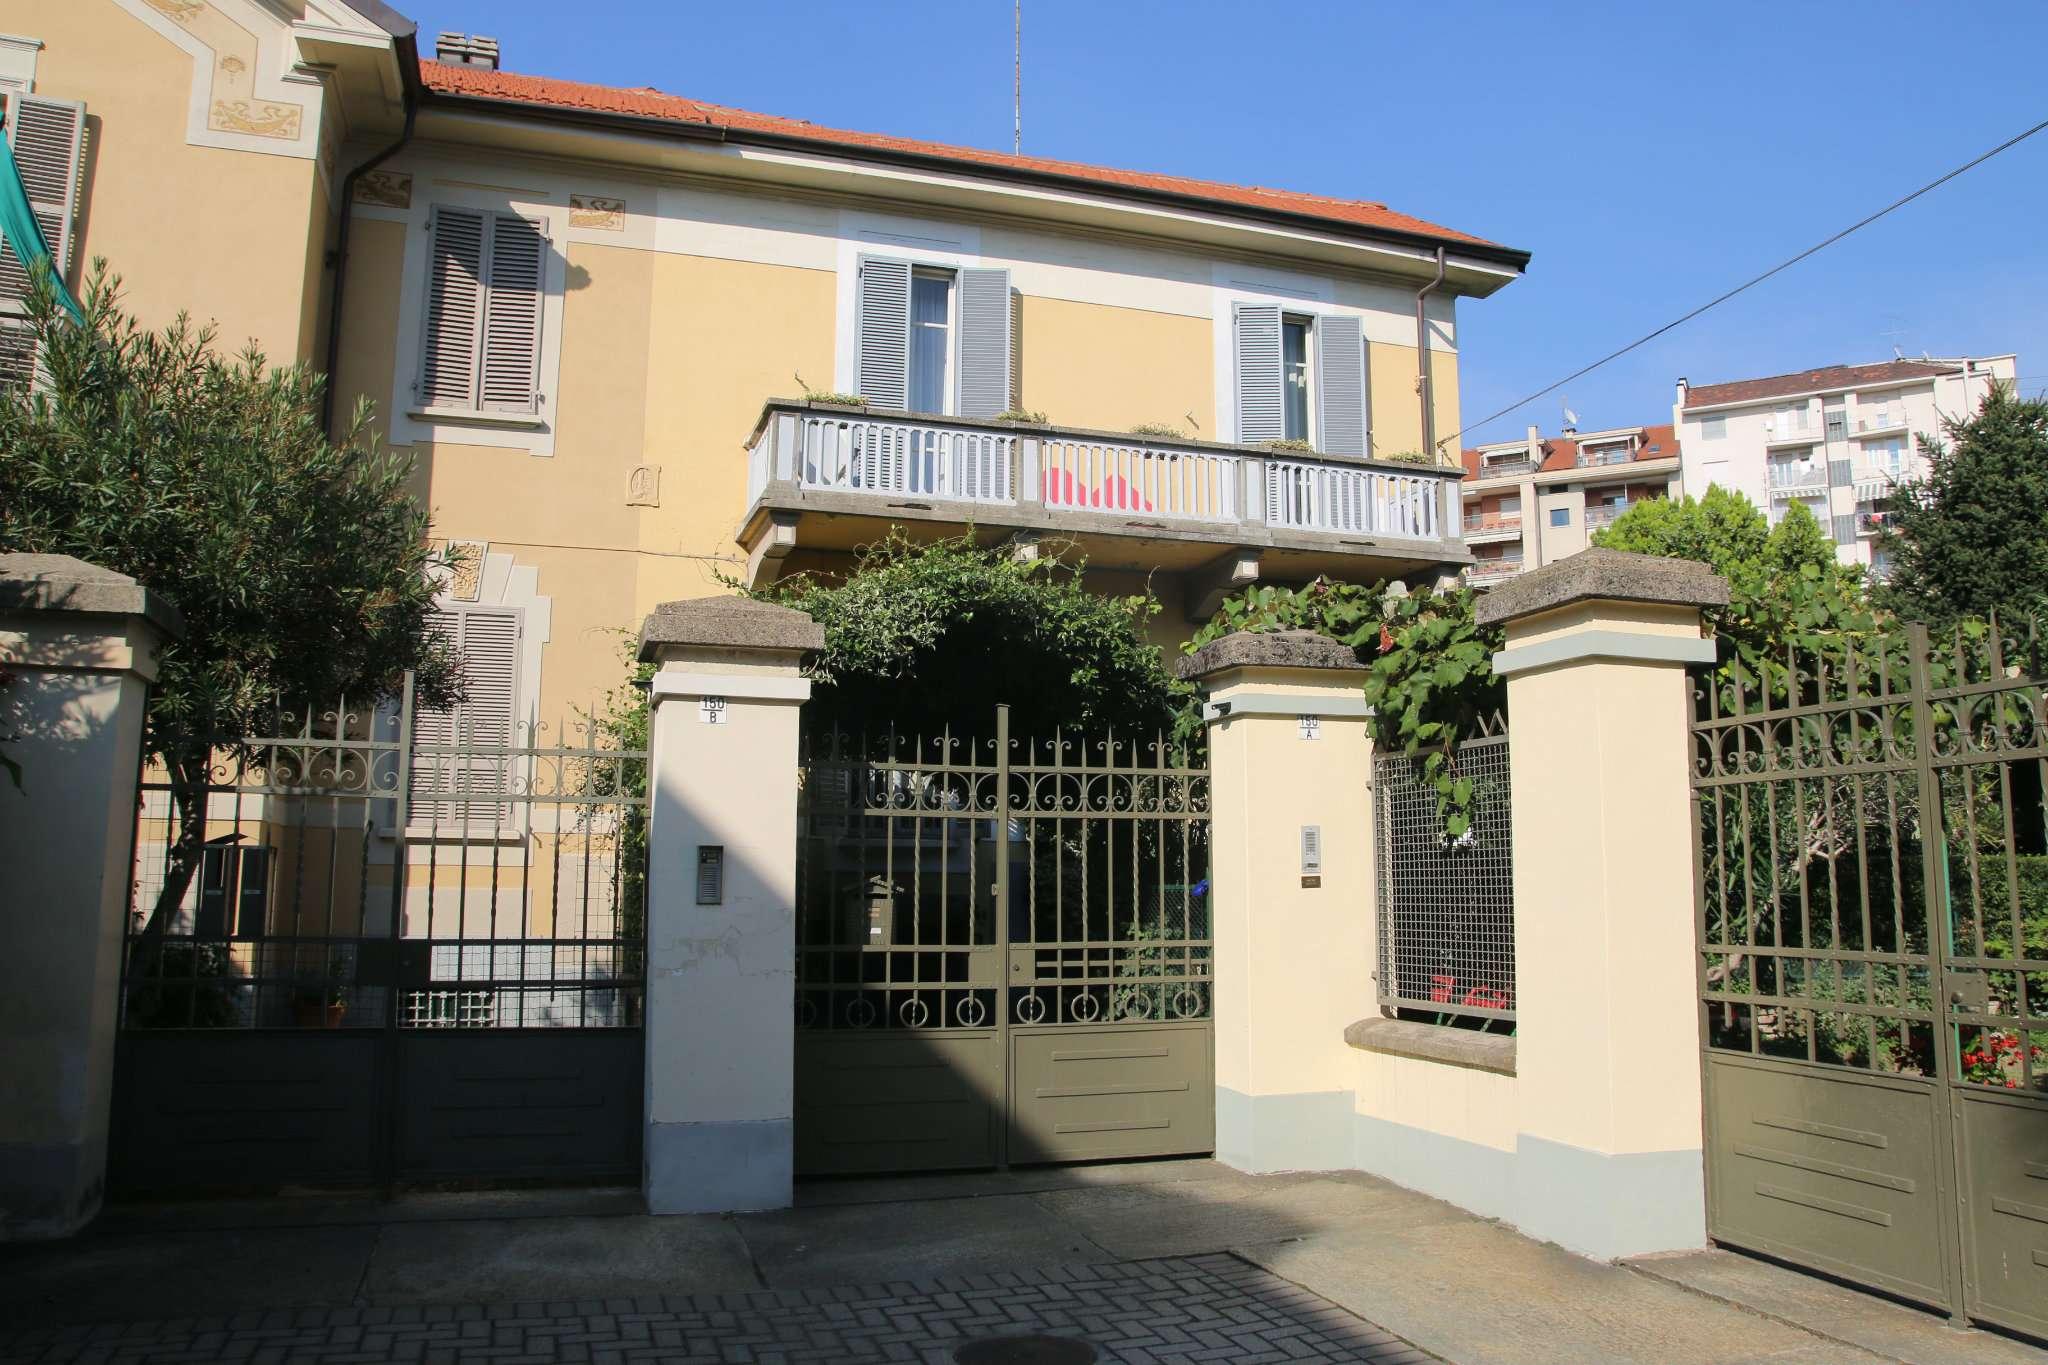 Foto 1 di Porzione di casa corso Rosselli 150/A, Torino (zona Cenisia, San Paolo)